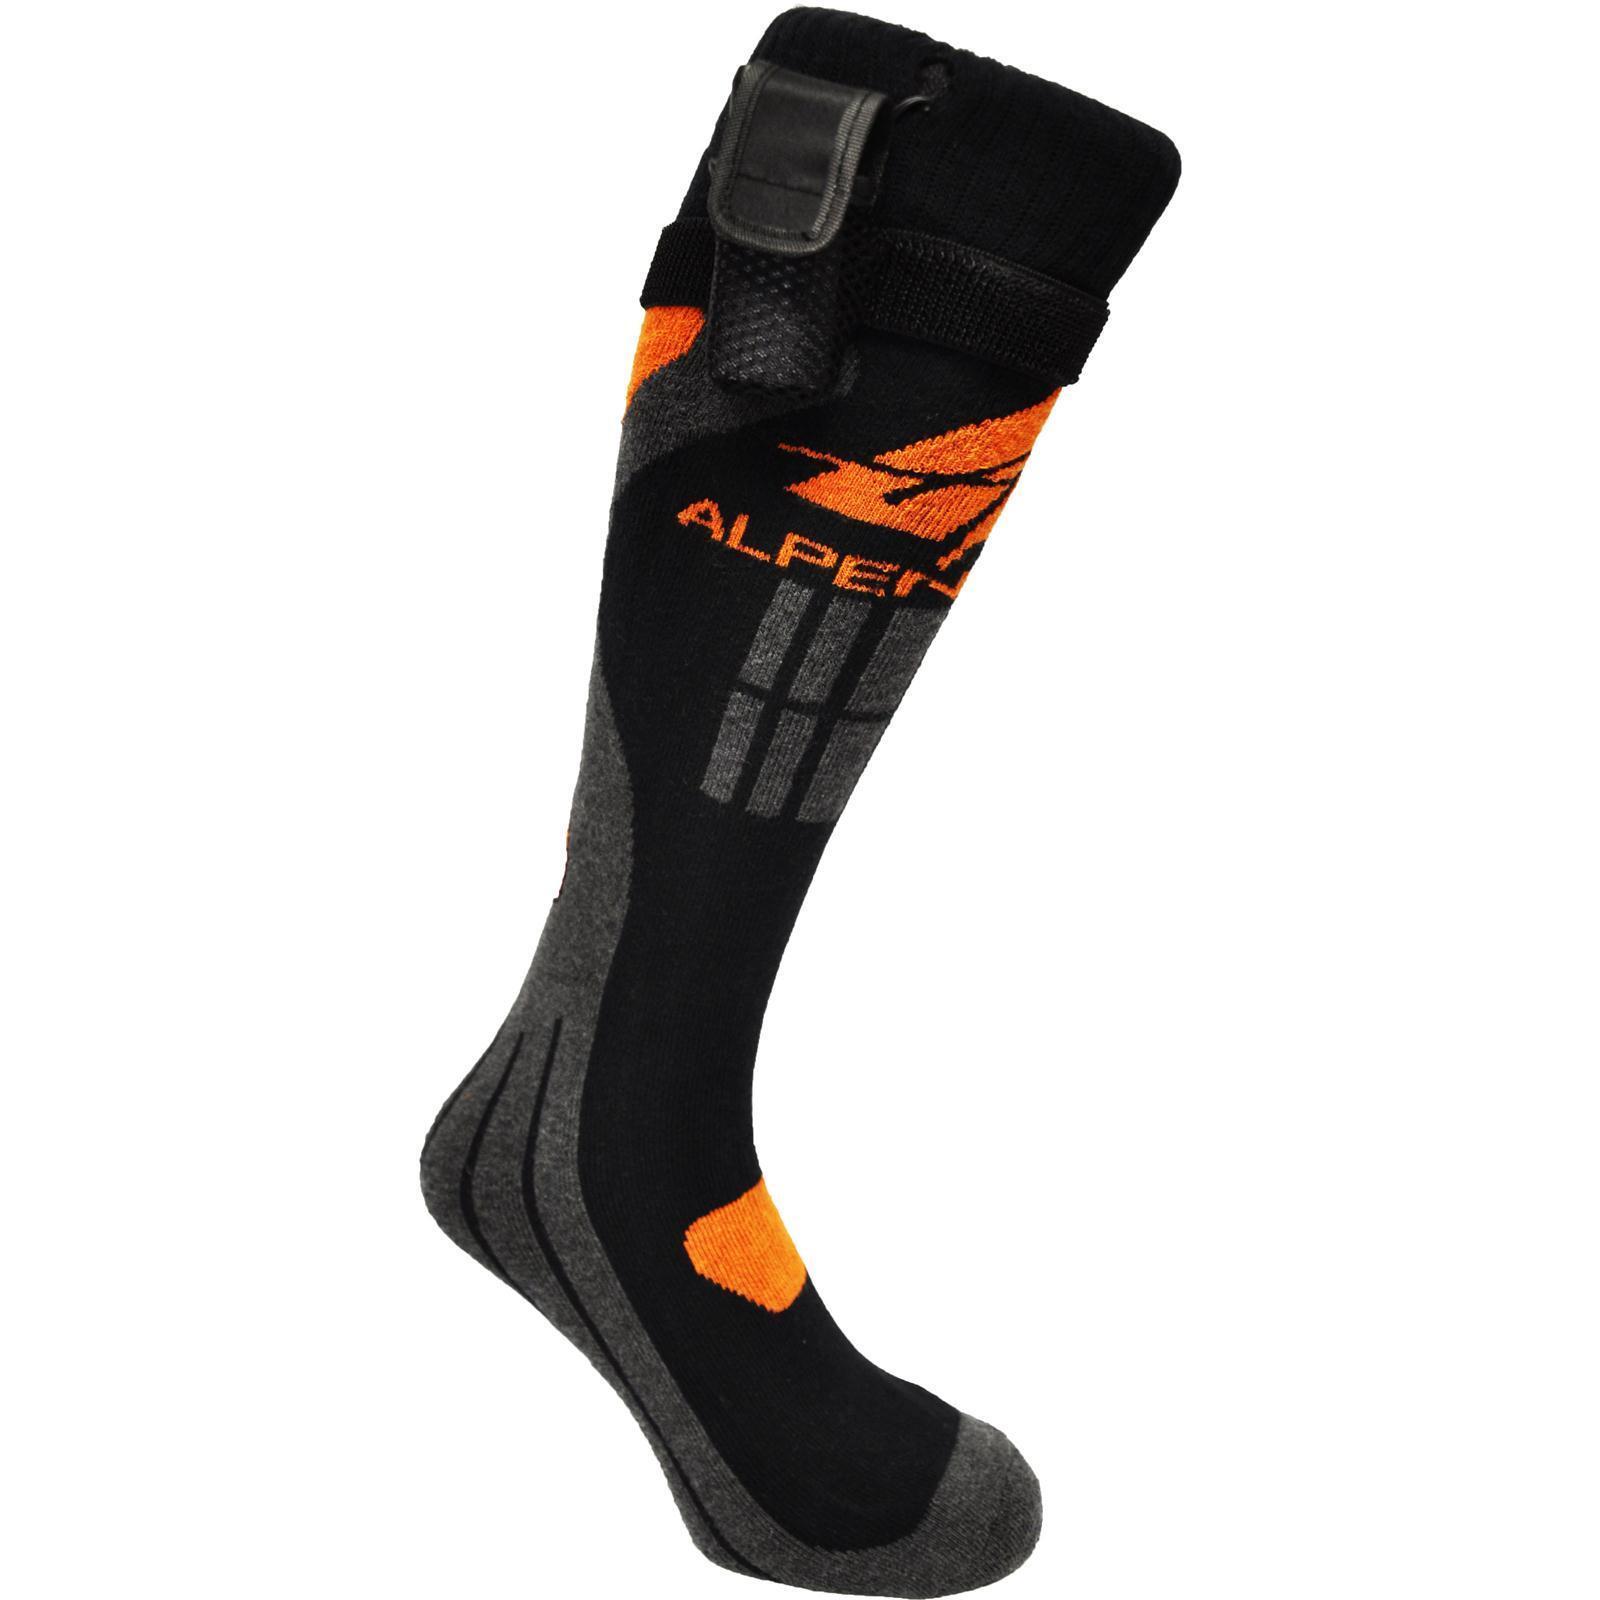 Alpenheat Fire-Sock light light light beheizte Socken 2er Set Heizsocken PAAR Strümpfe WARM bdfe11